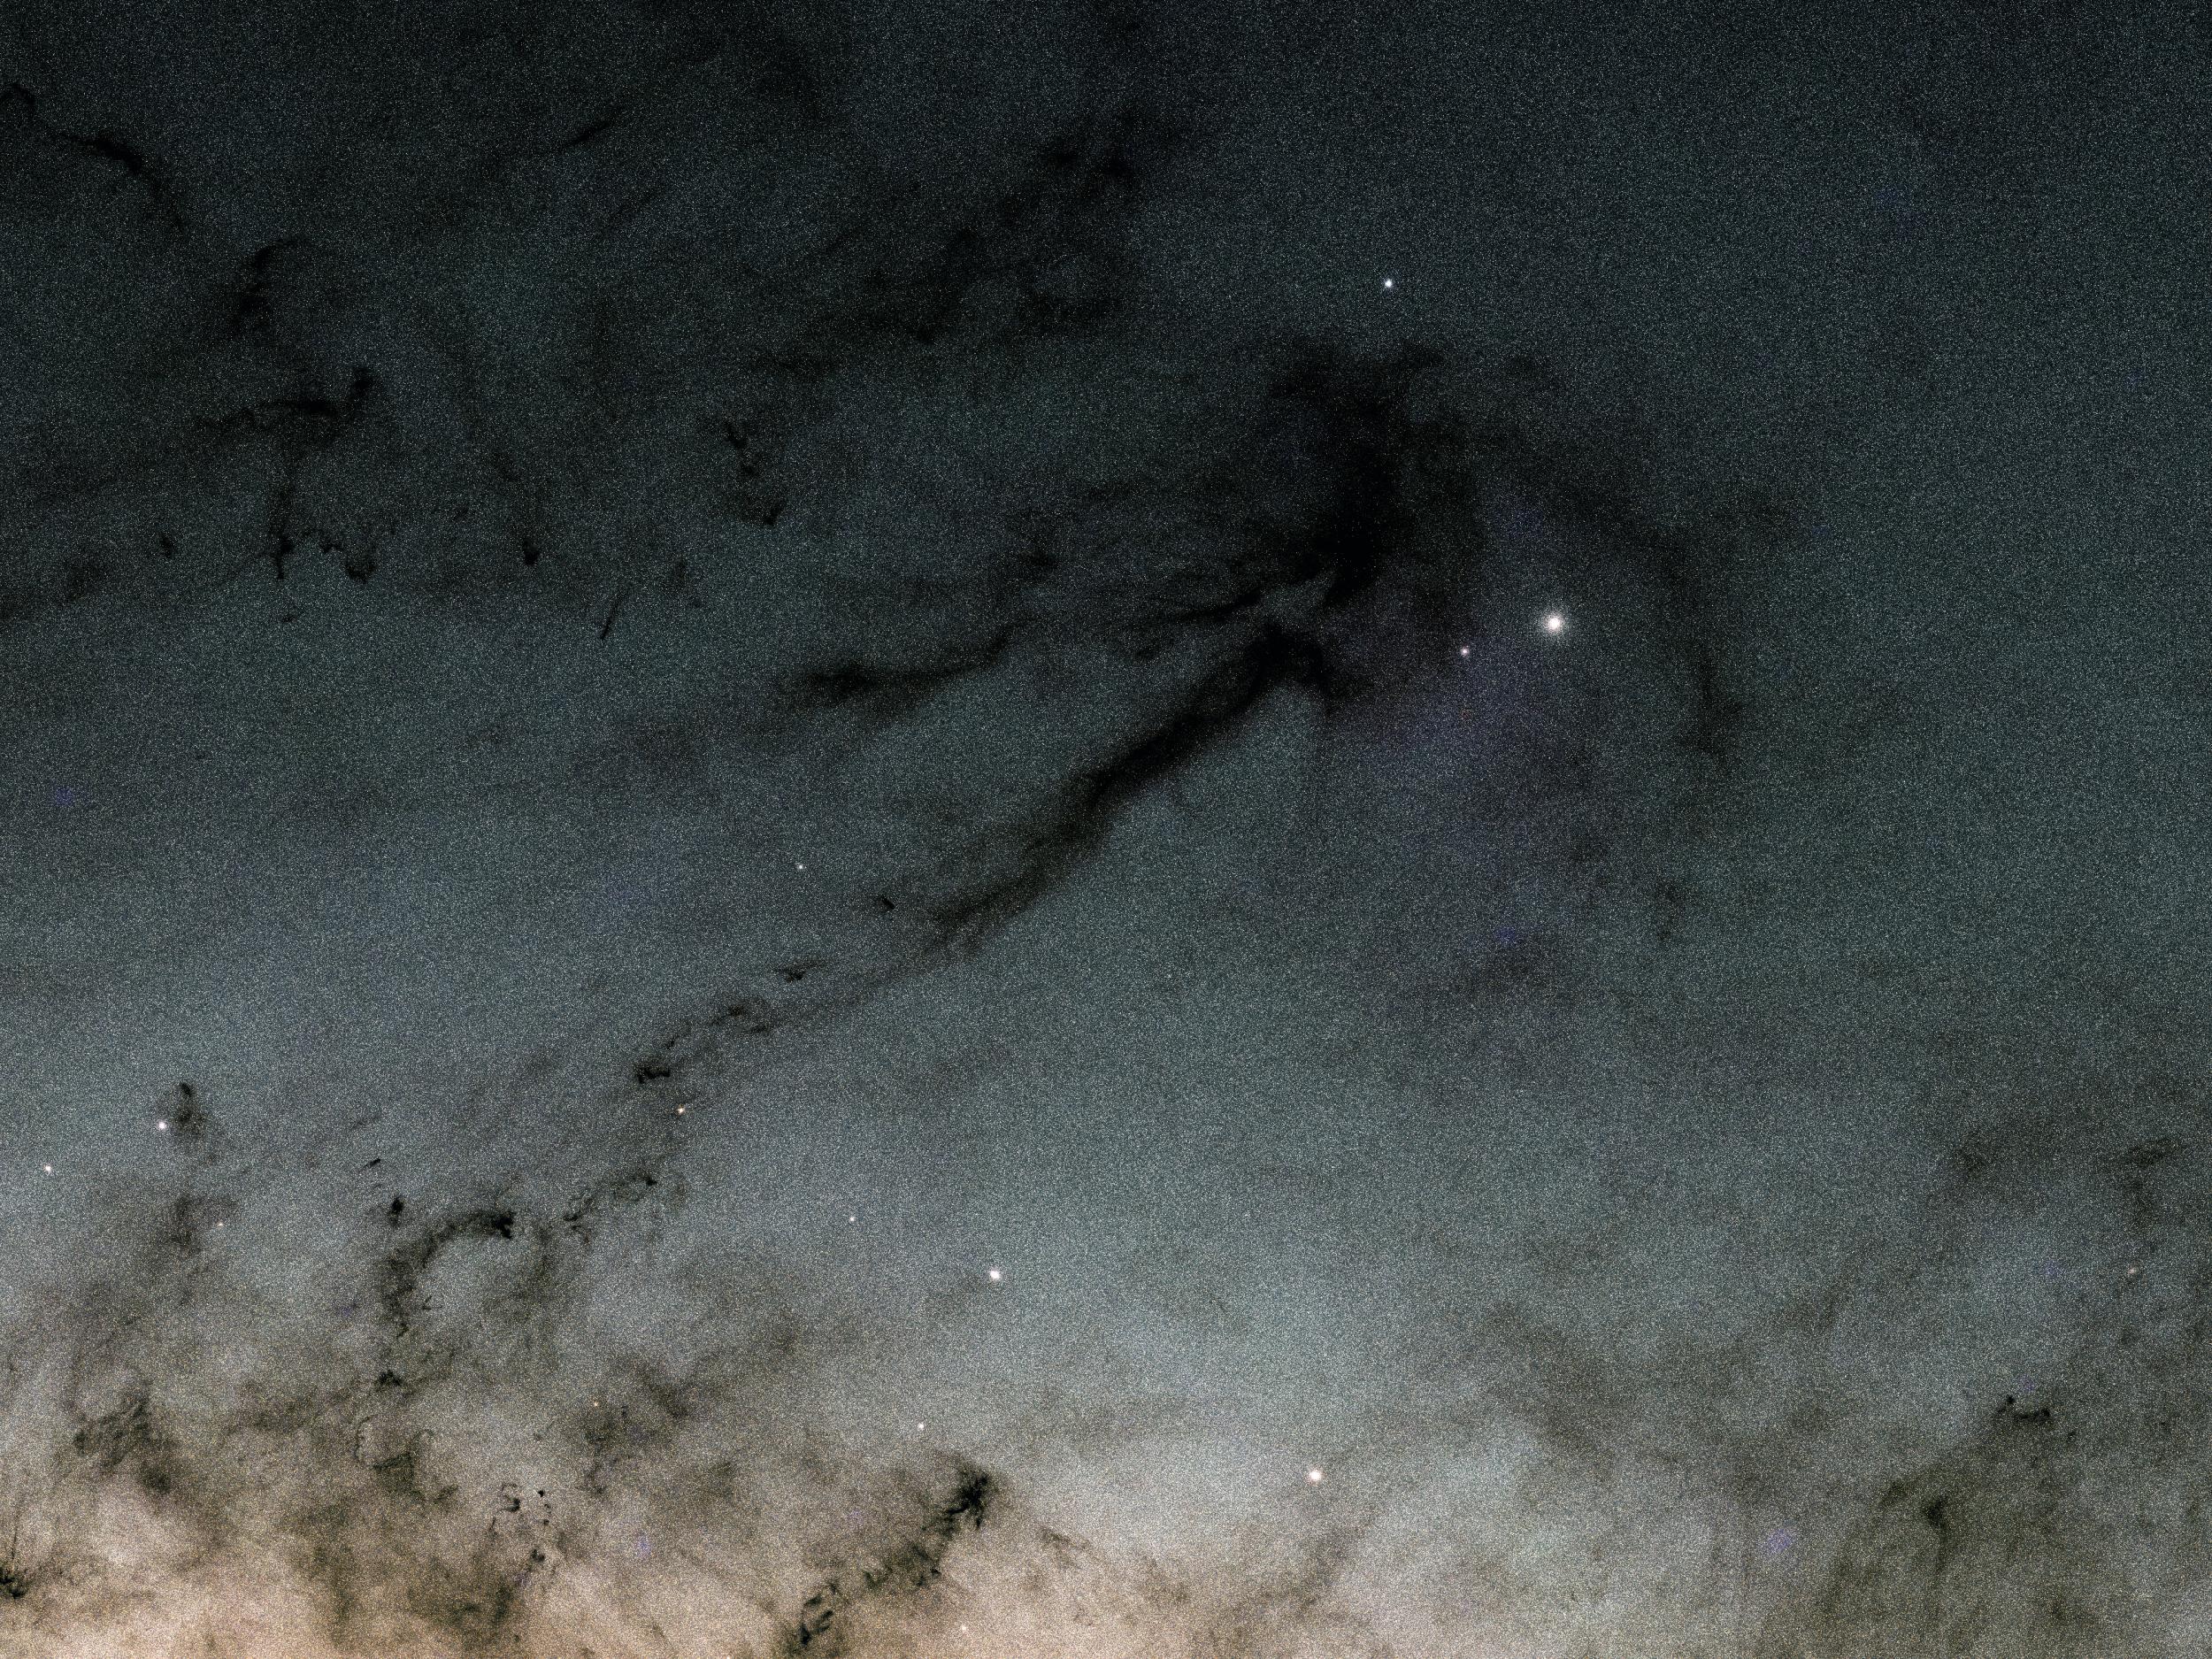 4_26_Rho Ophiuchi molecular cloud